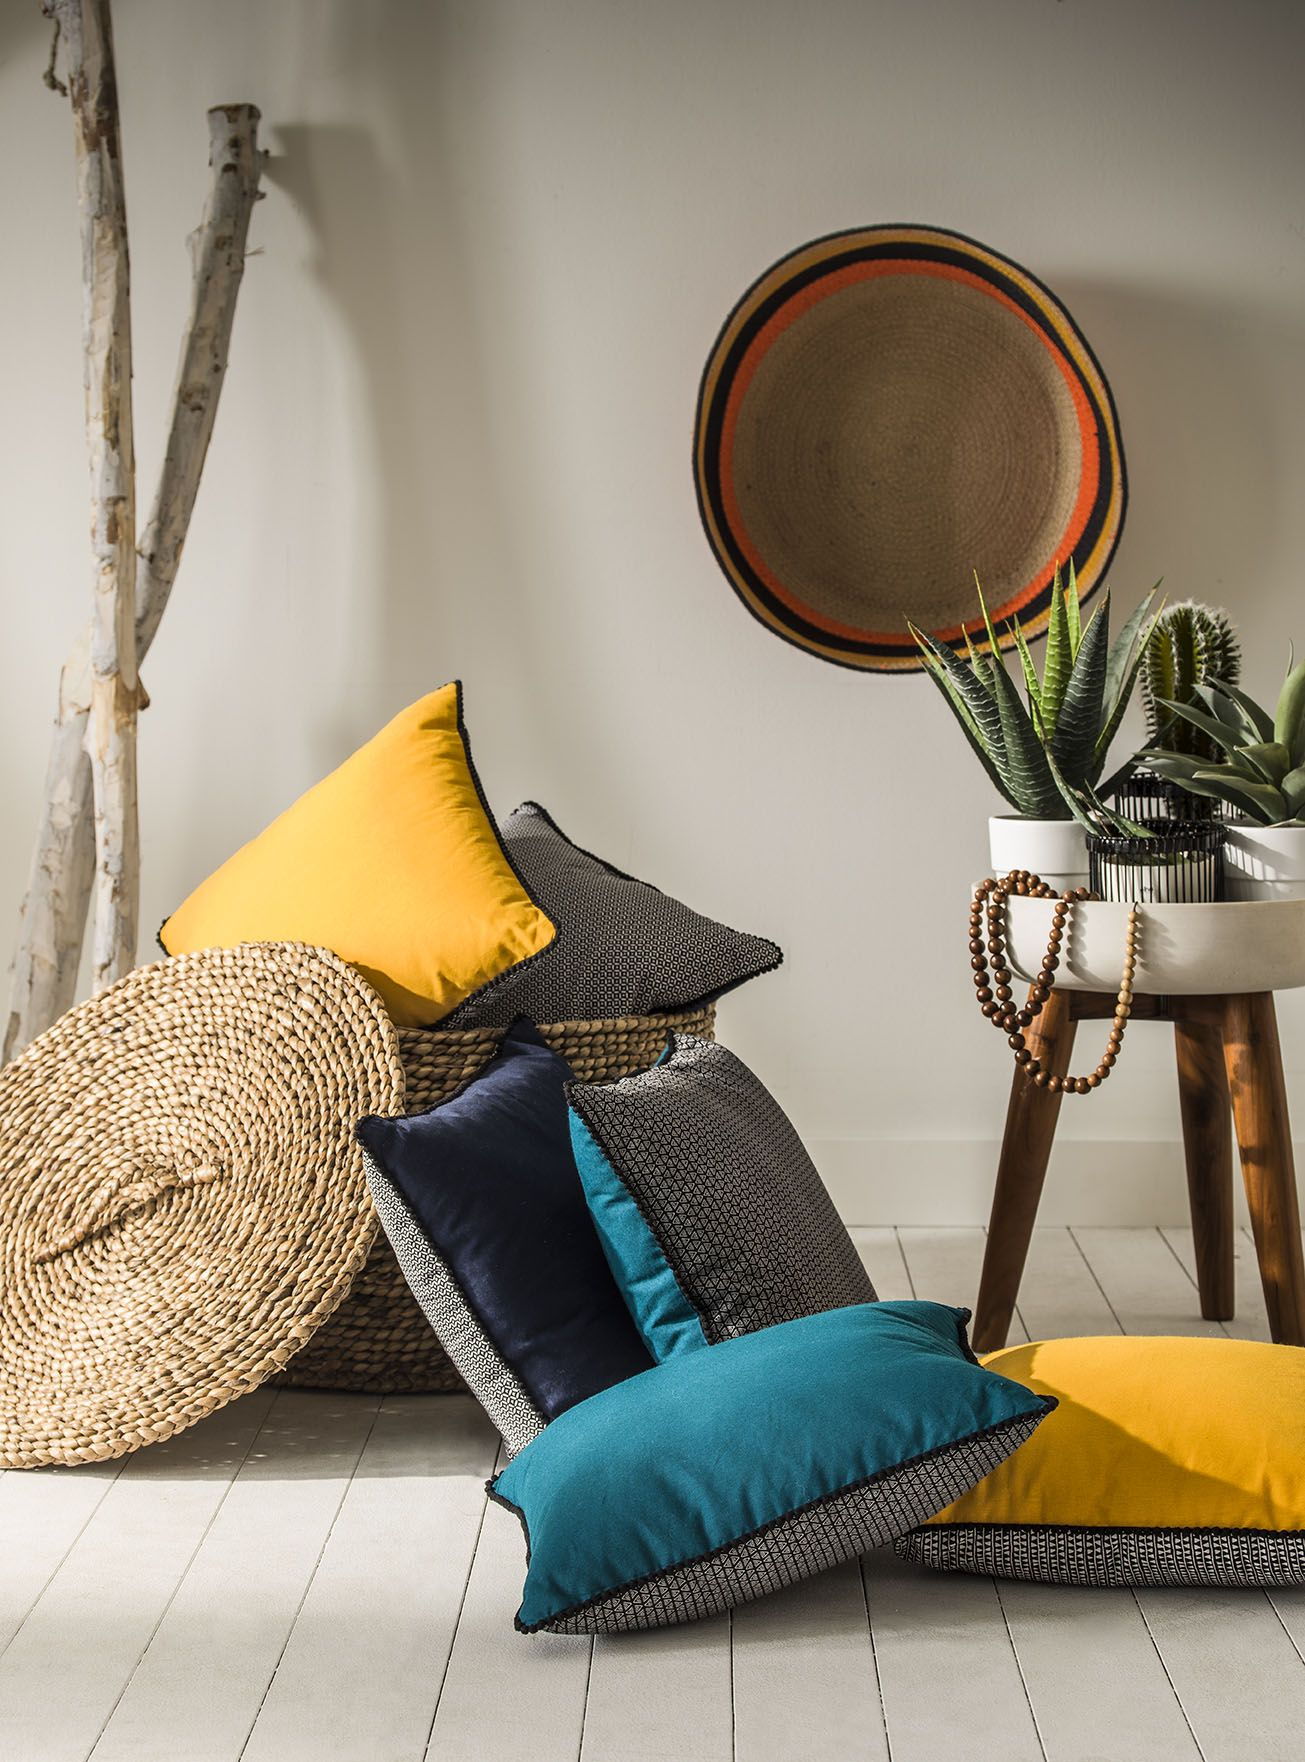 coussin goa today by lefebvre textile origine boh me chic ethnique texture couleur vie. Black Bedroom Furniture Sets. Home Design Ideas